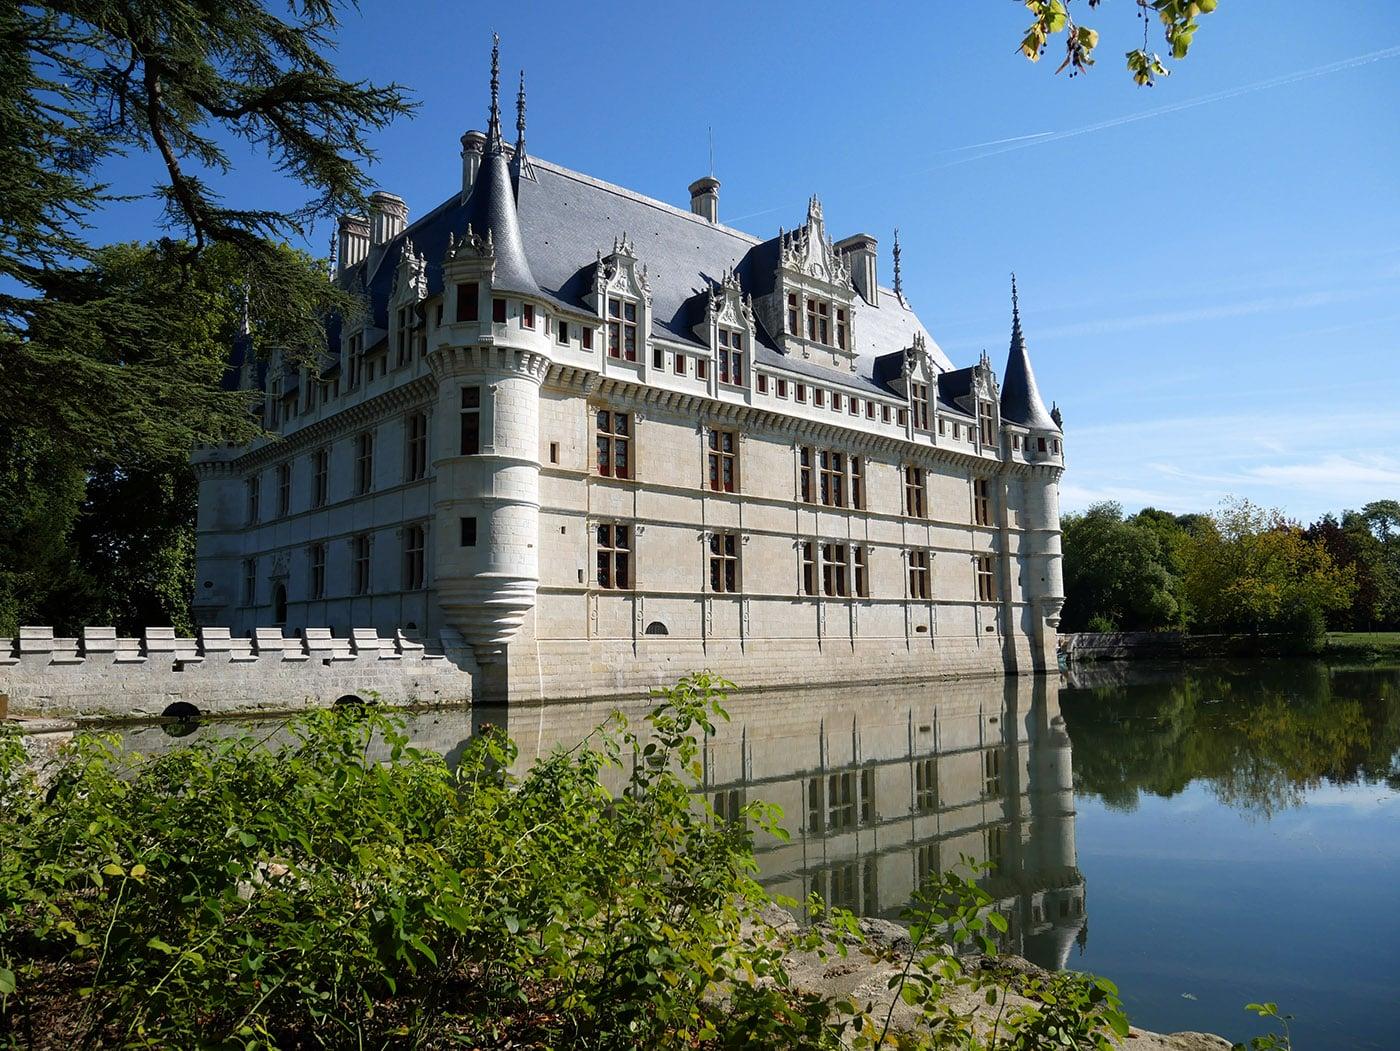 La renaissance du ch teau d azay le rideau - Les jardins de la renaissance azay le rideau ...